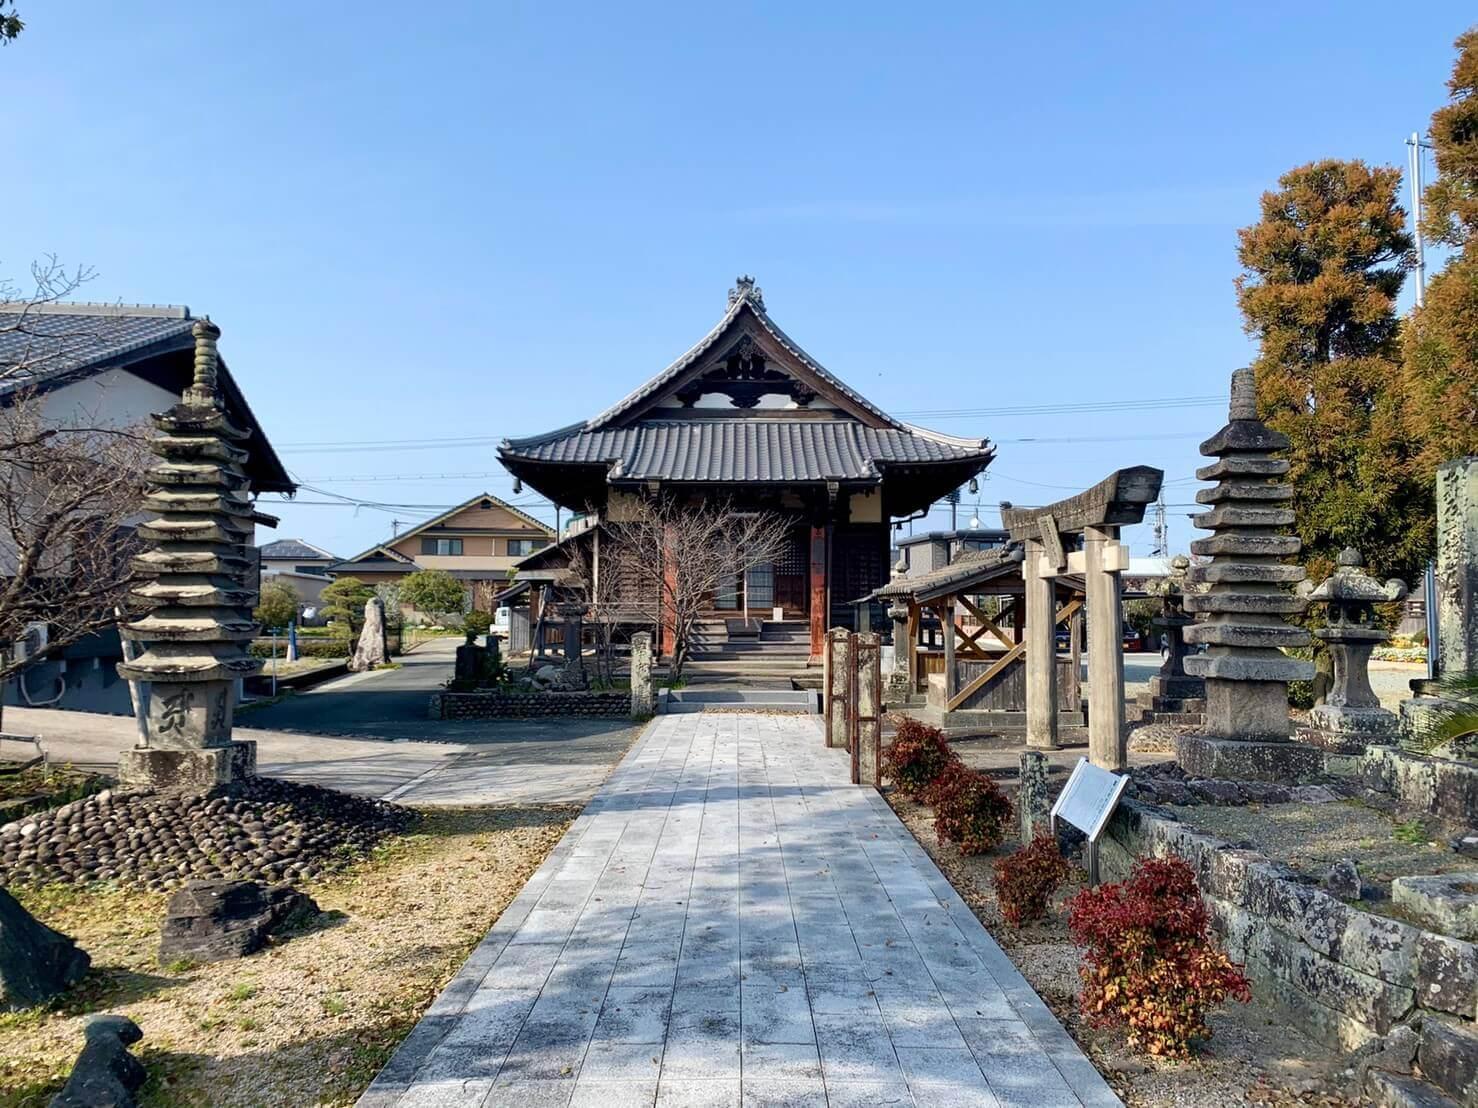 叡興山 光明寺【筑後市】1200年以上の歴史ある寺院